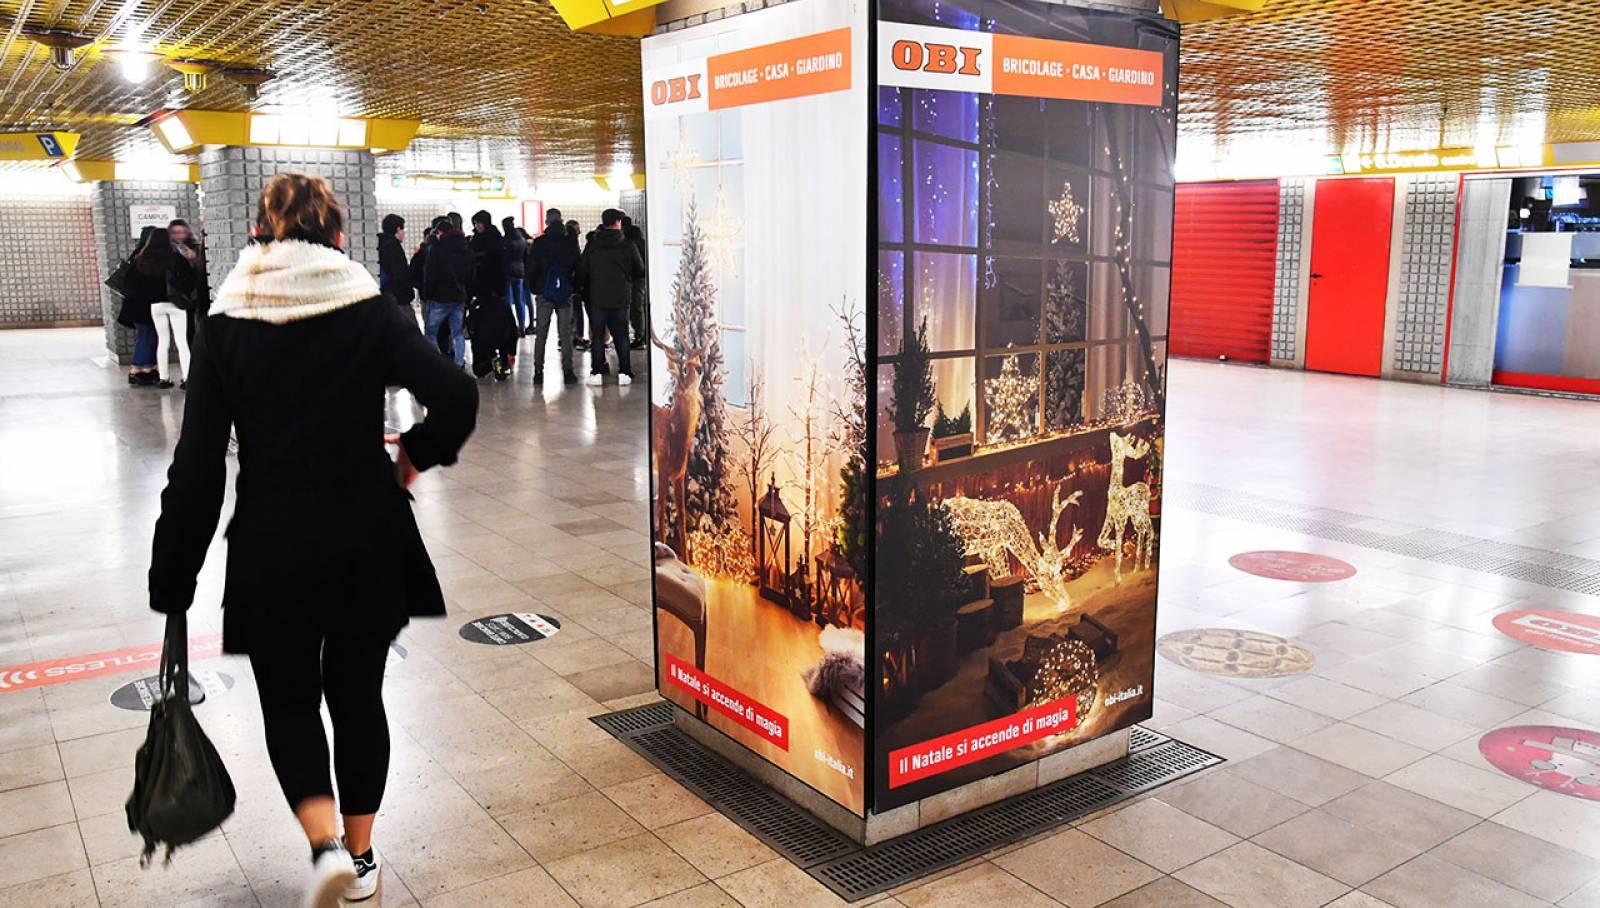 Pubblicità Out of Home IGPDecaux Milano Station Domination per OBI Italia Milano San Donato